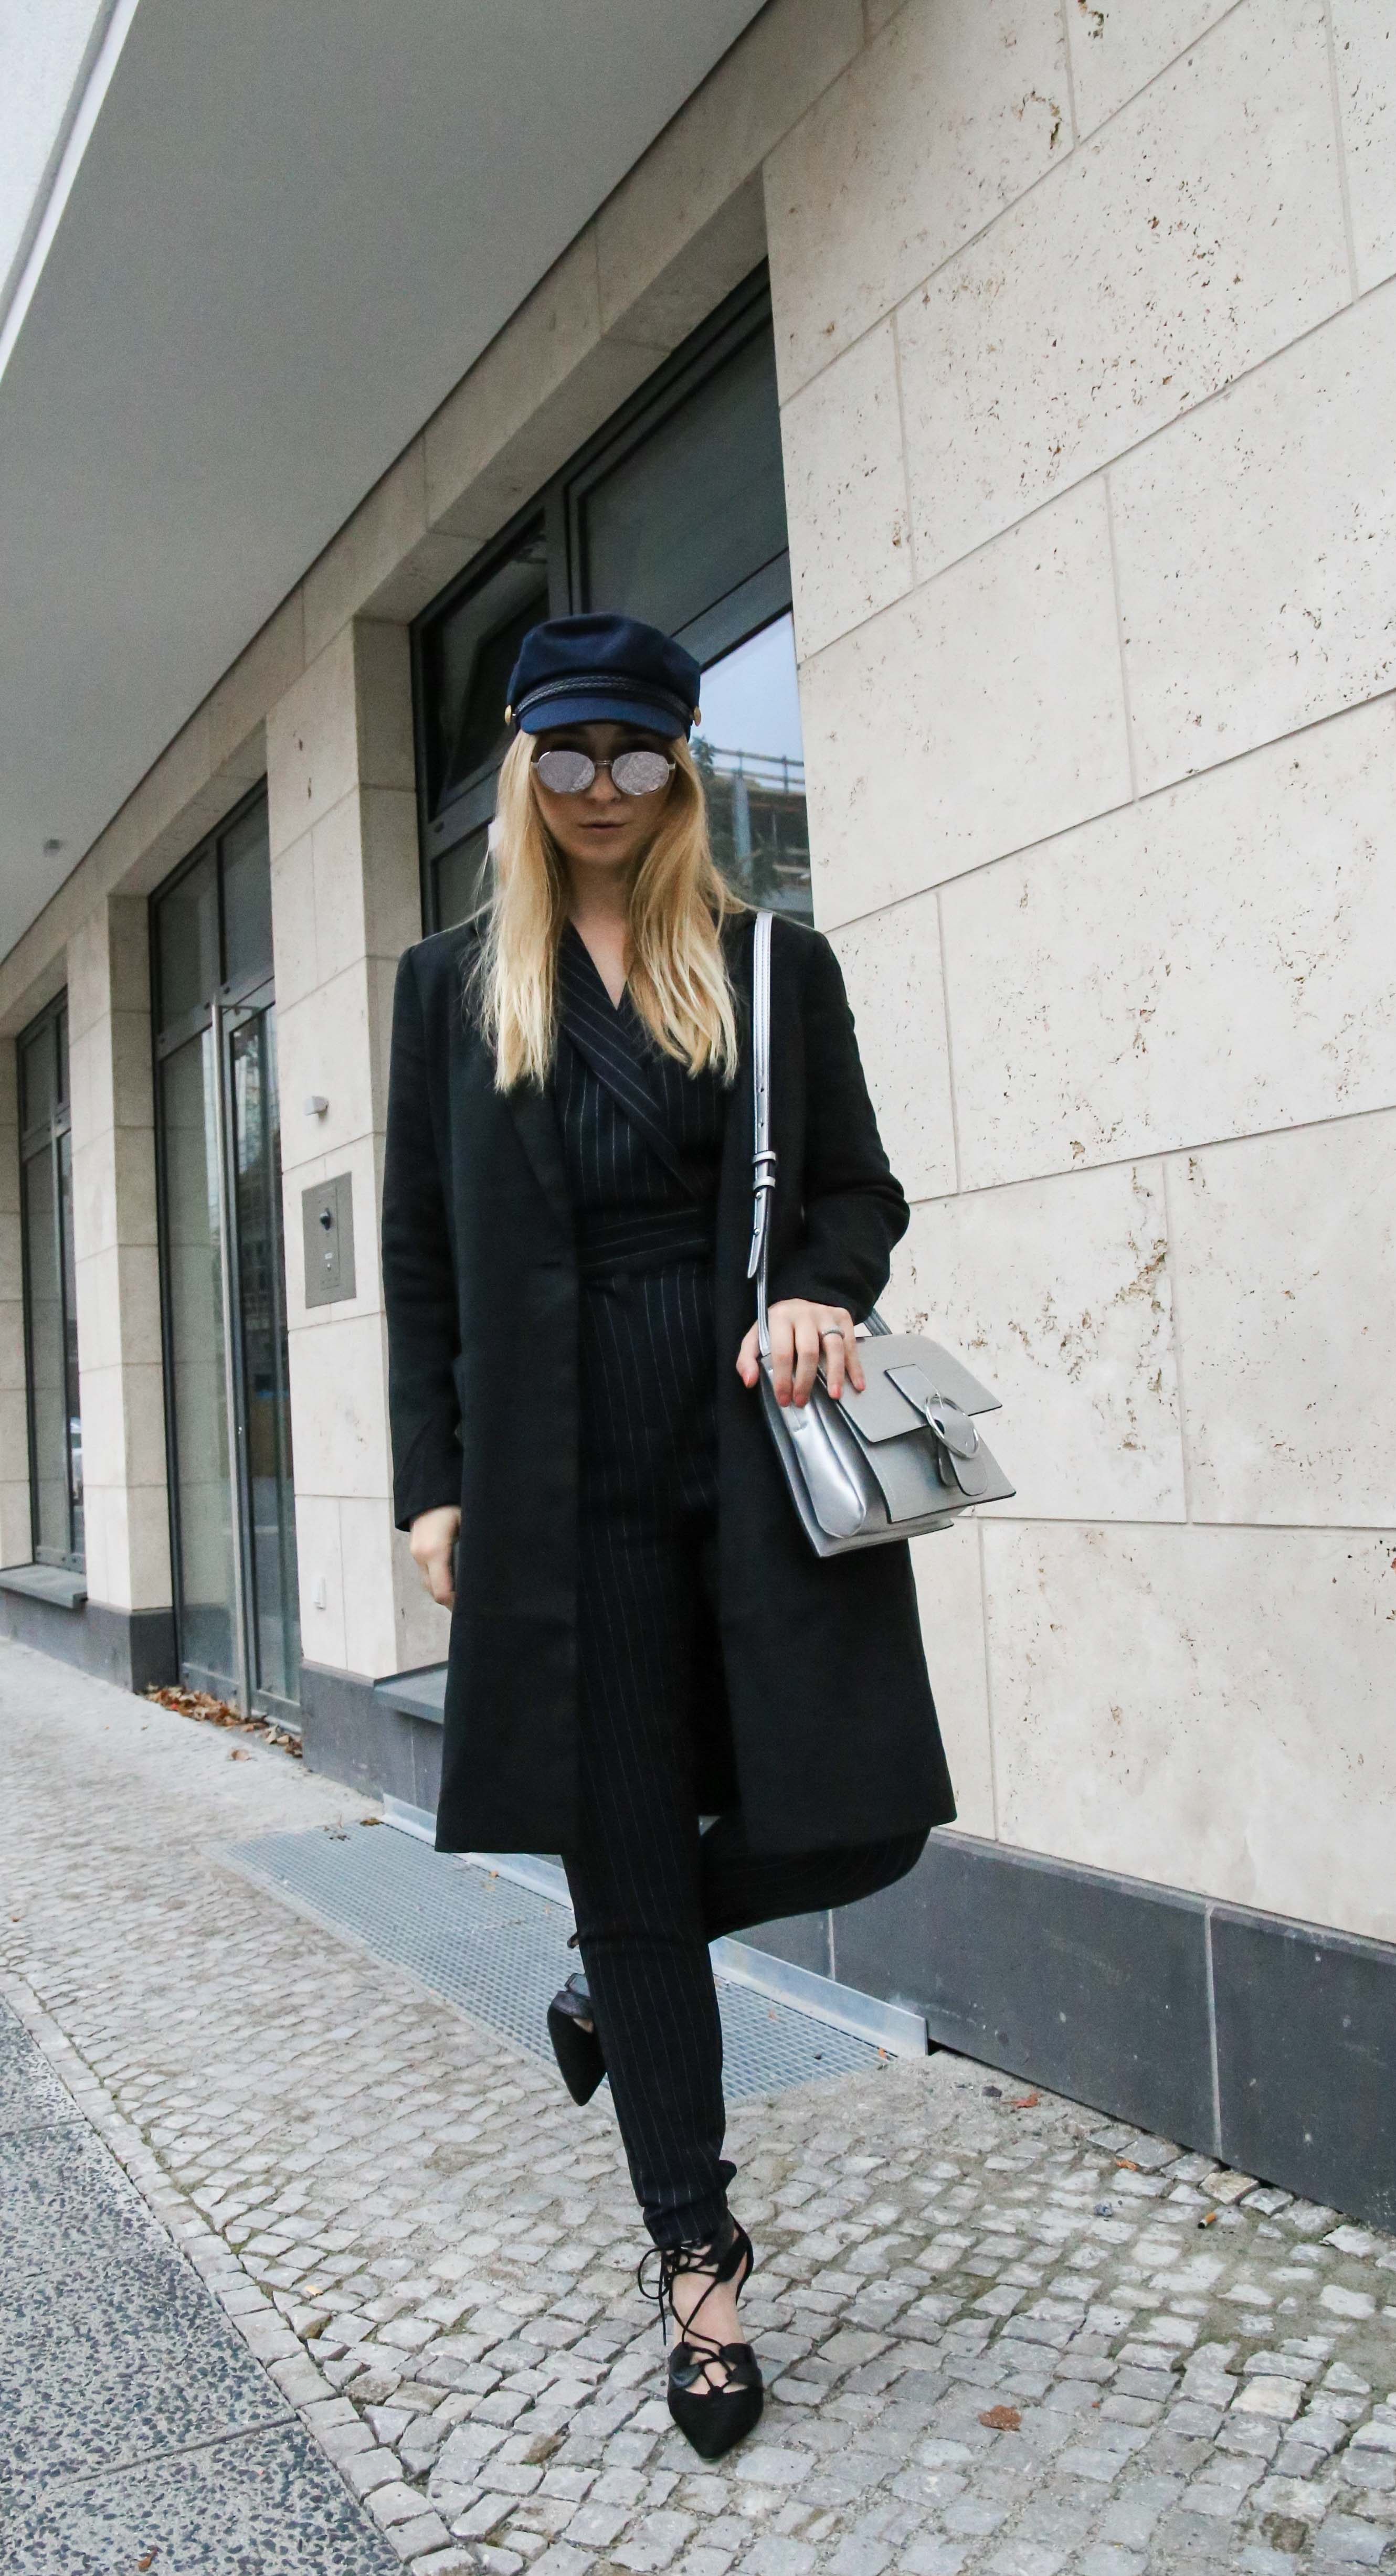 baskenmütze-overall-silber-umhängetasche-jumpsuit-outfit-blogger-berlin_1844